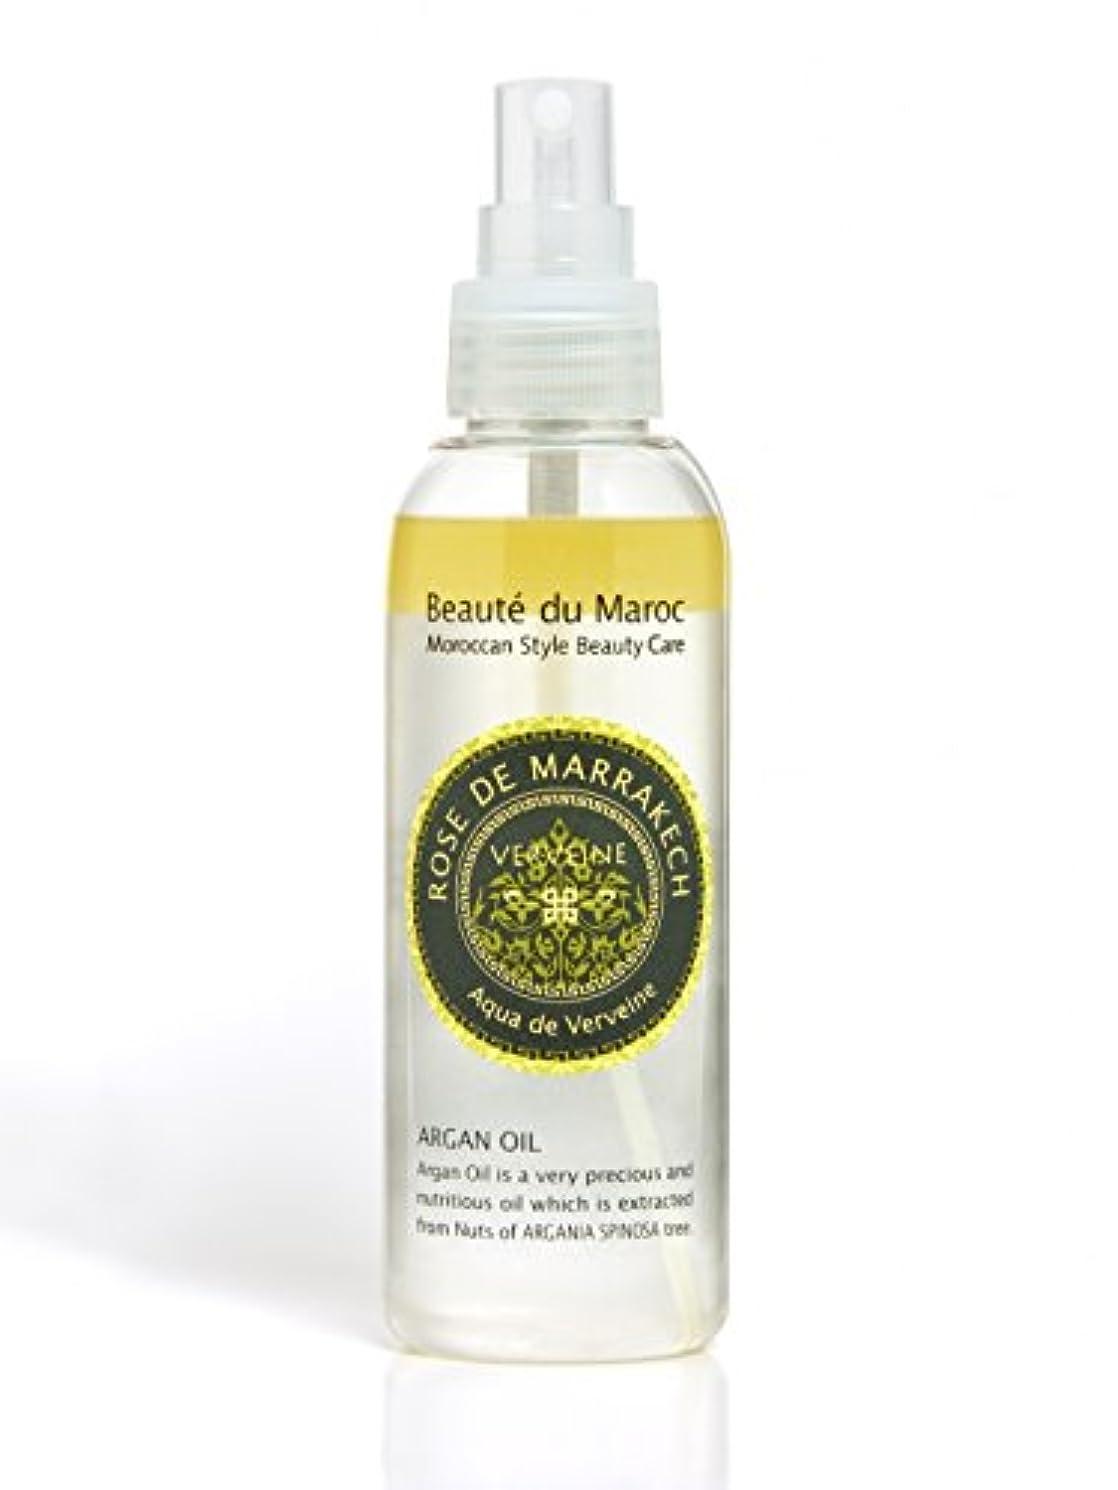 有効化ベルト永続ローズ ド マラケシュ アクア ド ヴェルヴェーン 150mL(レモンバーベナの香りのフェイス&ボディミスト)